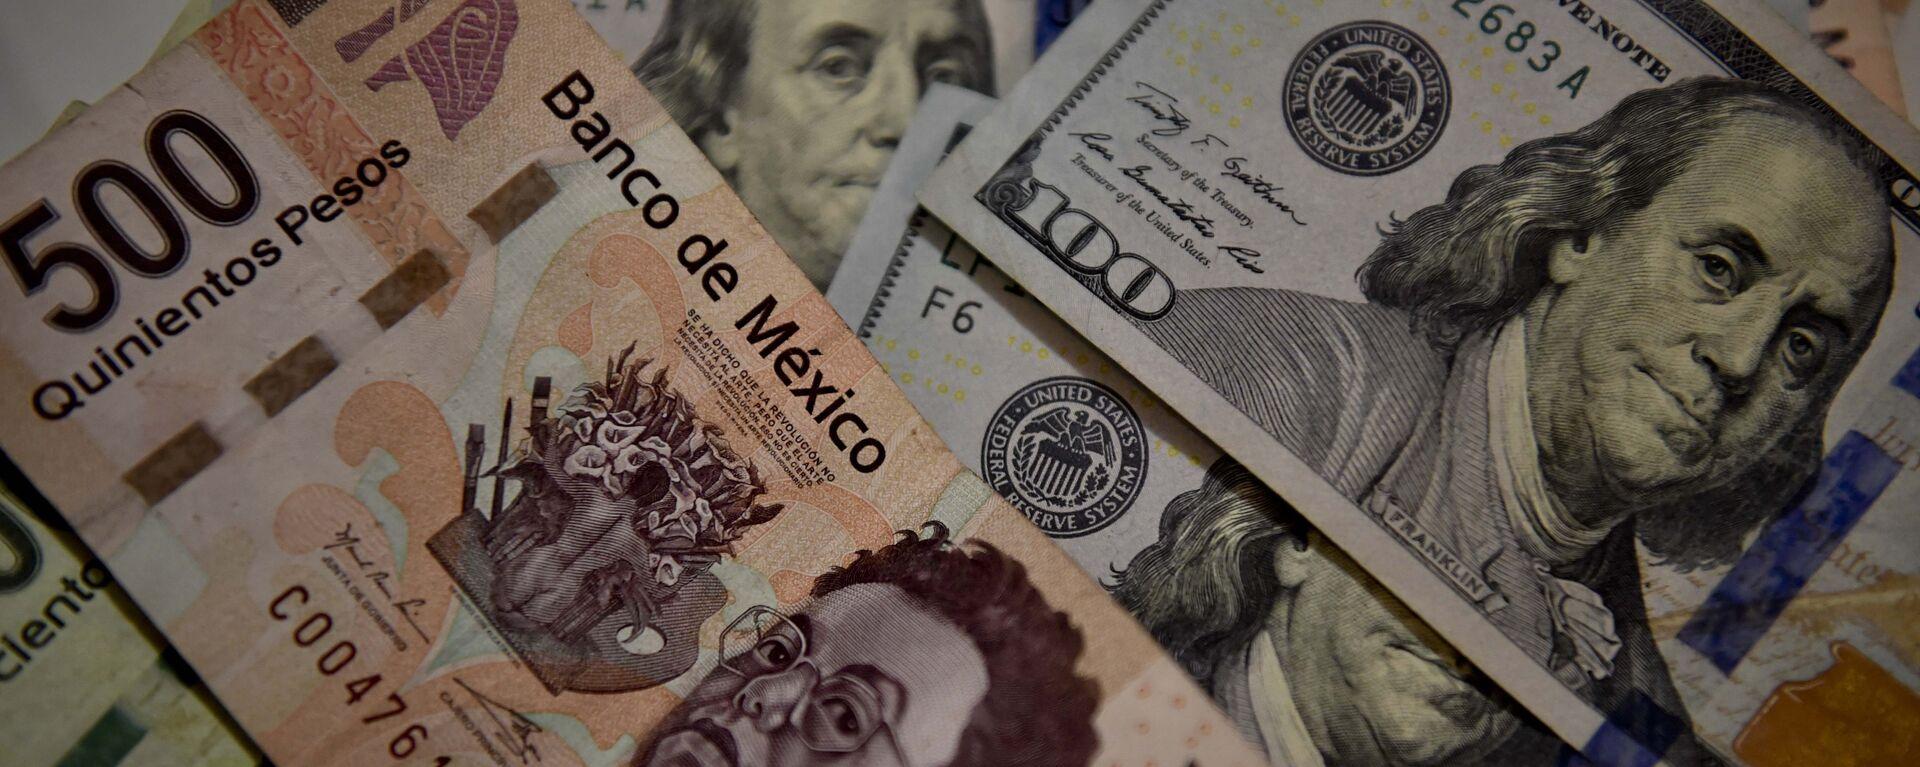 Peso mexicano y dólar estadounidense - Sputnik Mundo, 1920, 28.09.2021